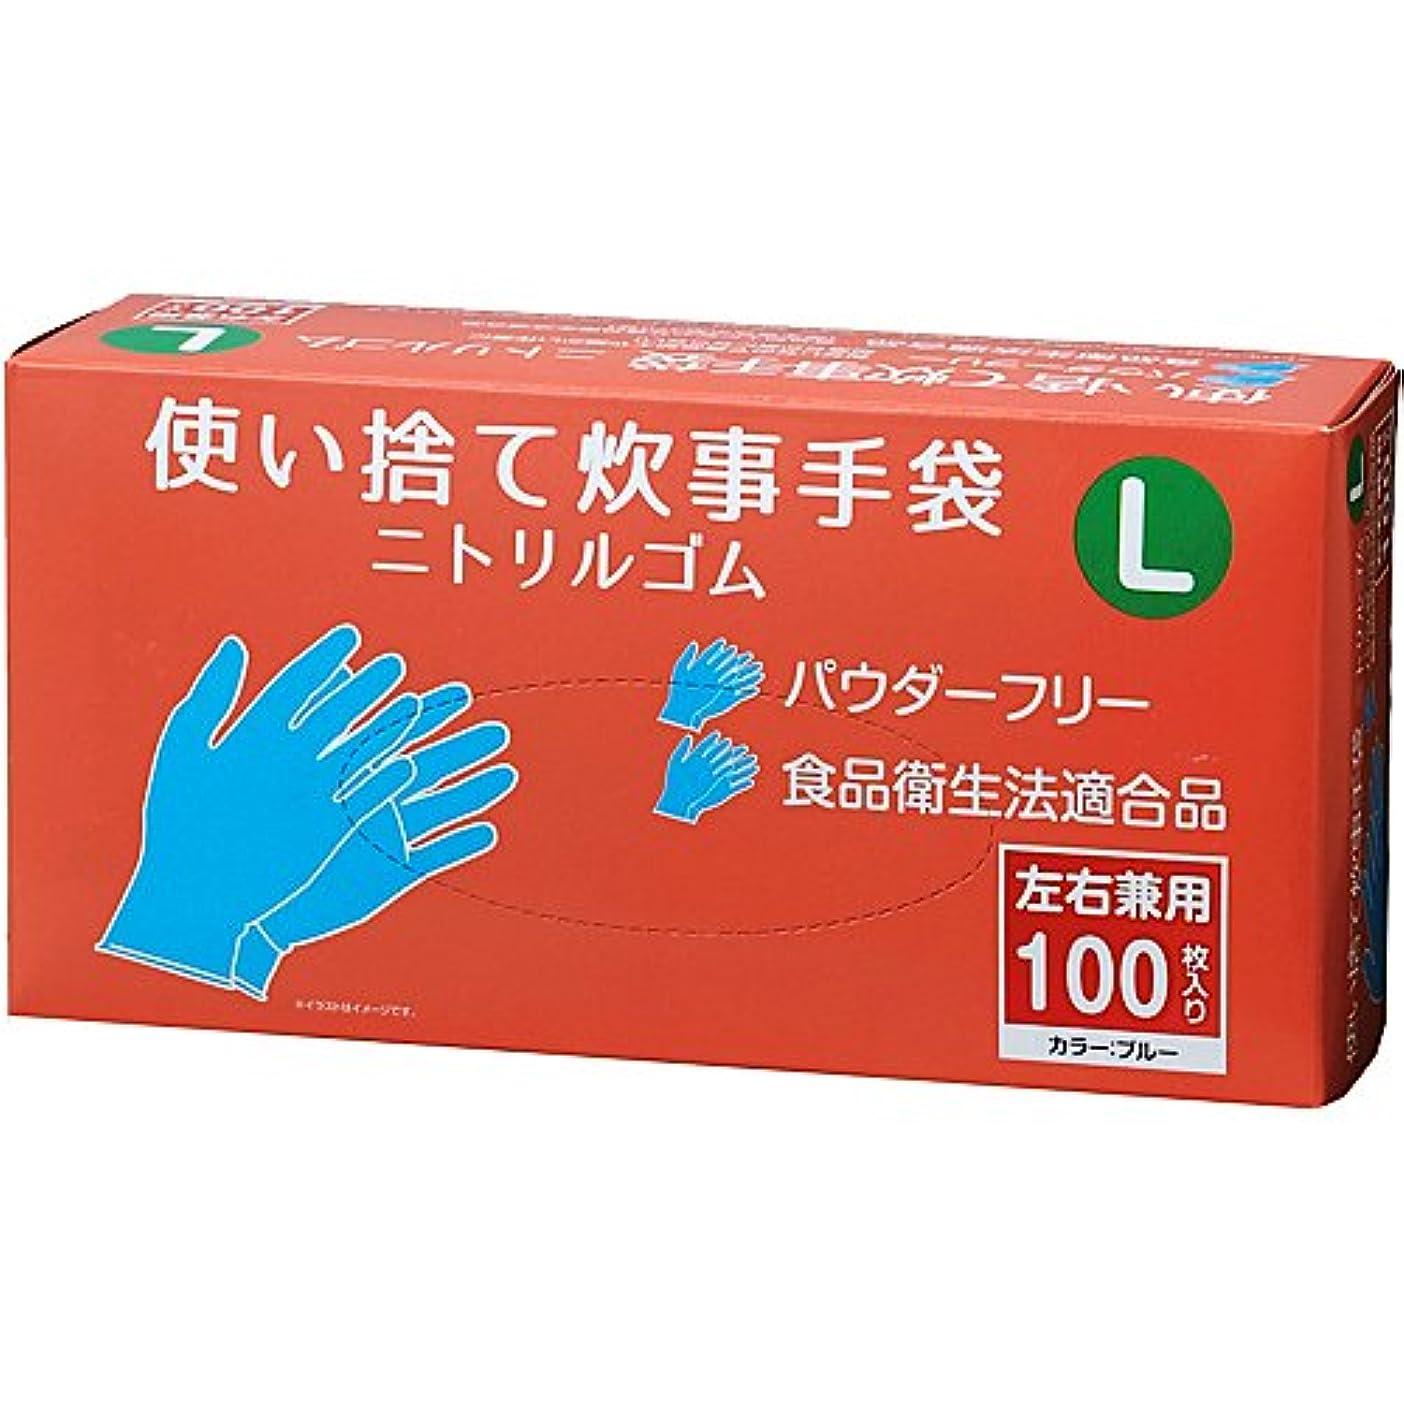 メンダシティ例外浮浪者コーナンオリジナル 使い捨て炊事手袋 ニトリルゴム 100枚入り L